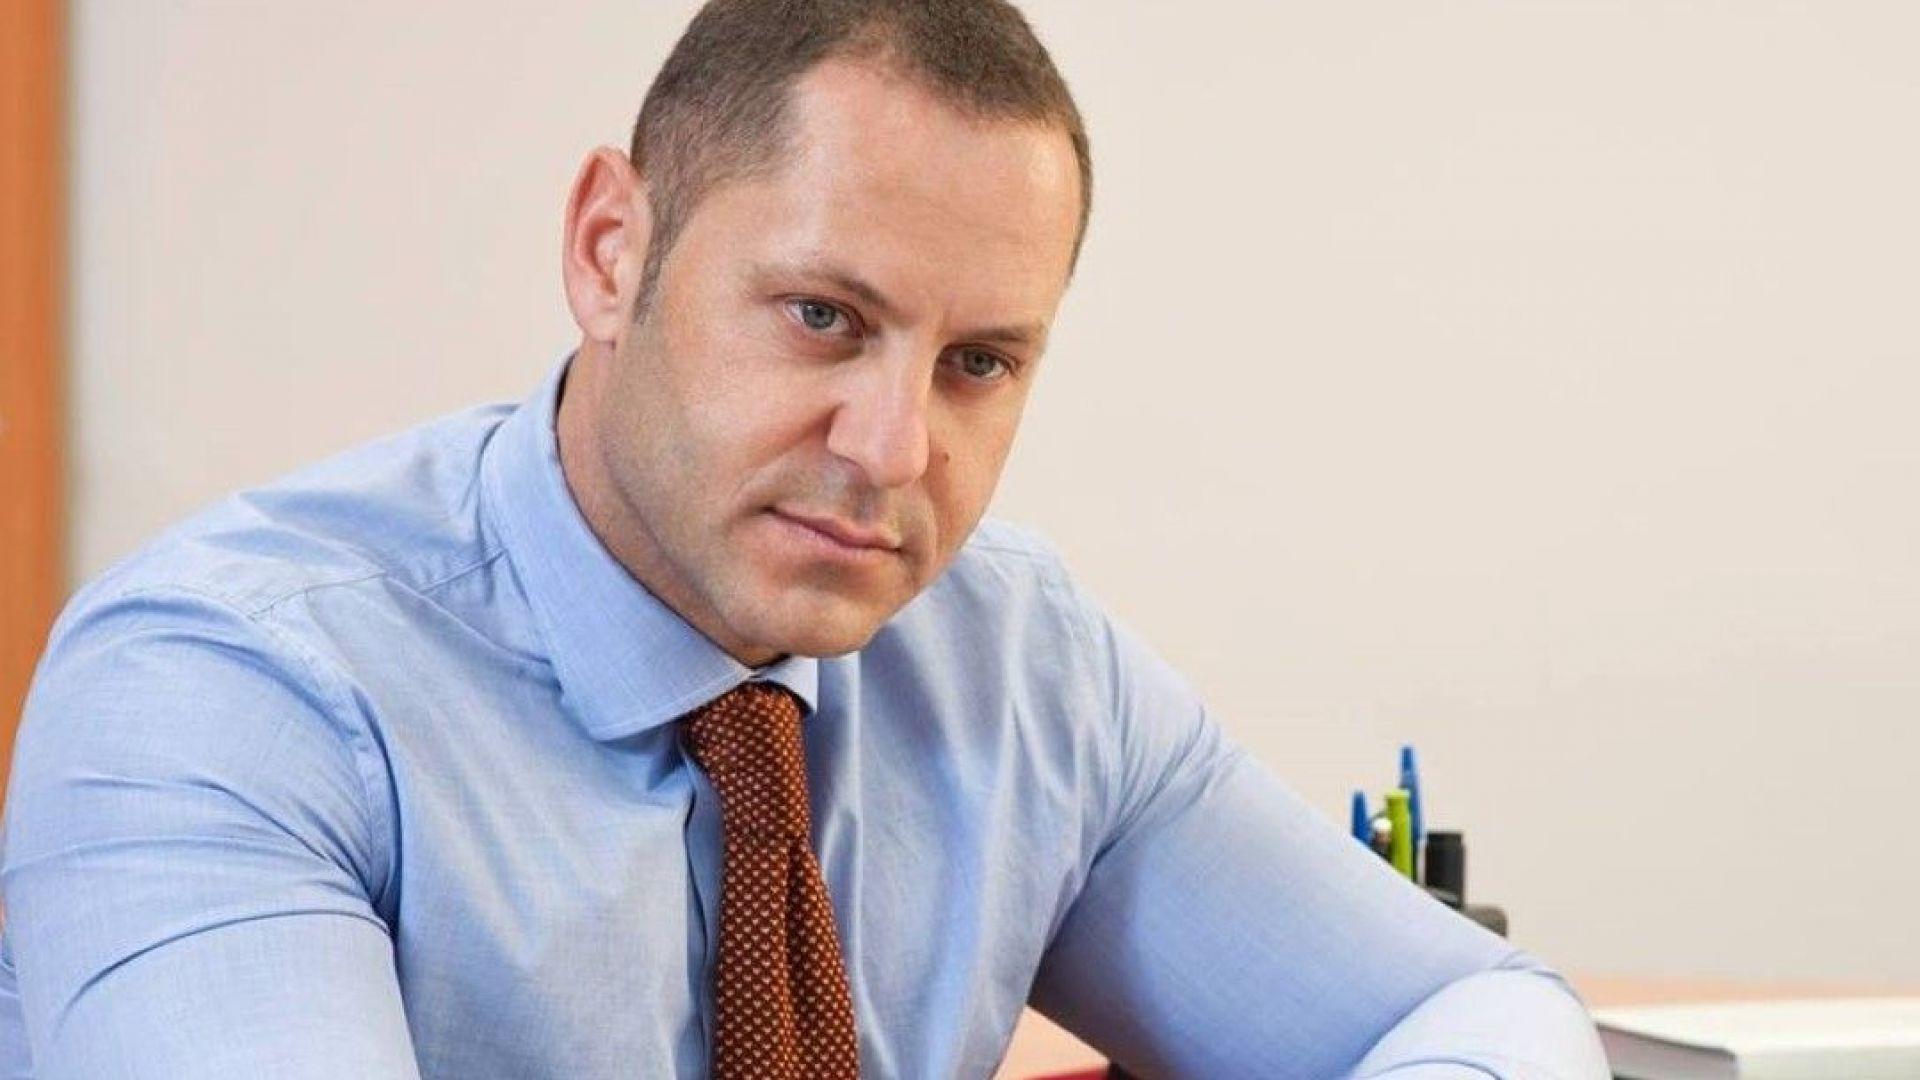 Върховният съд върна делото срещу Александър Манолев